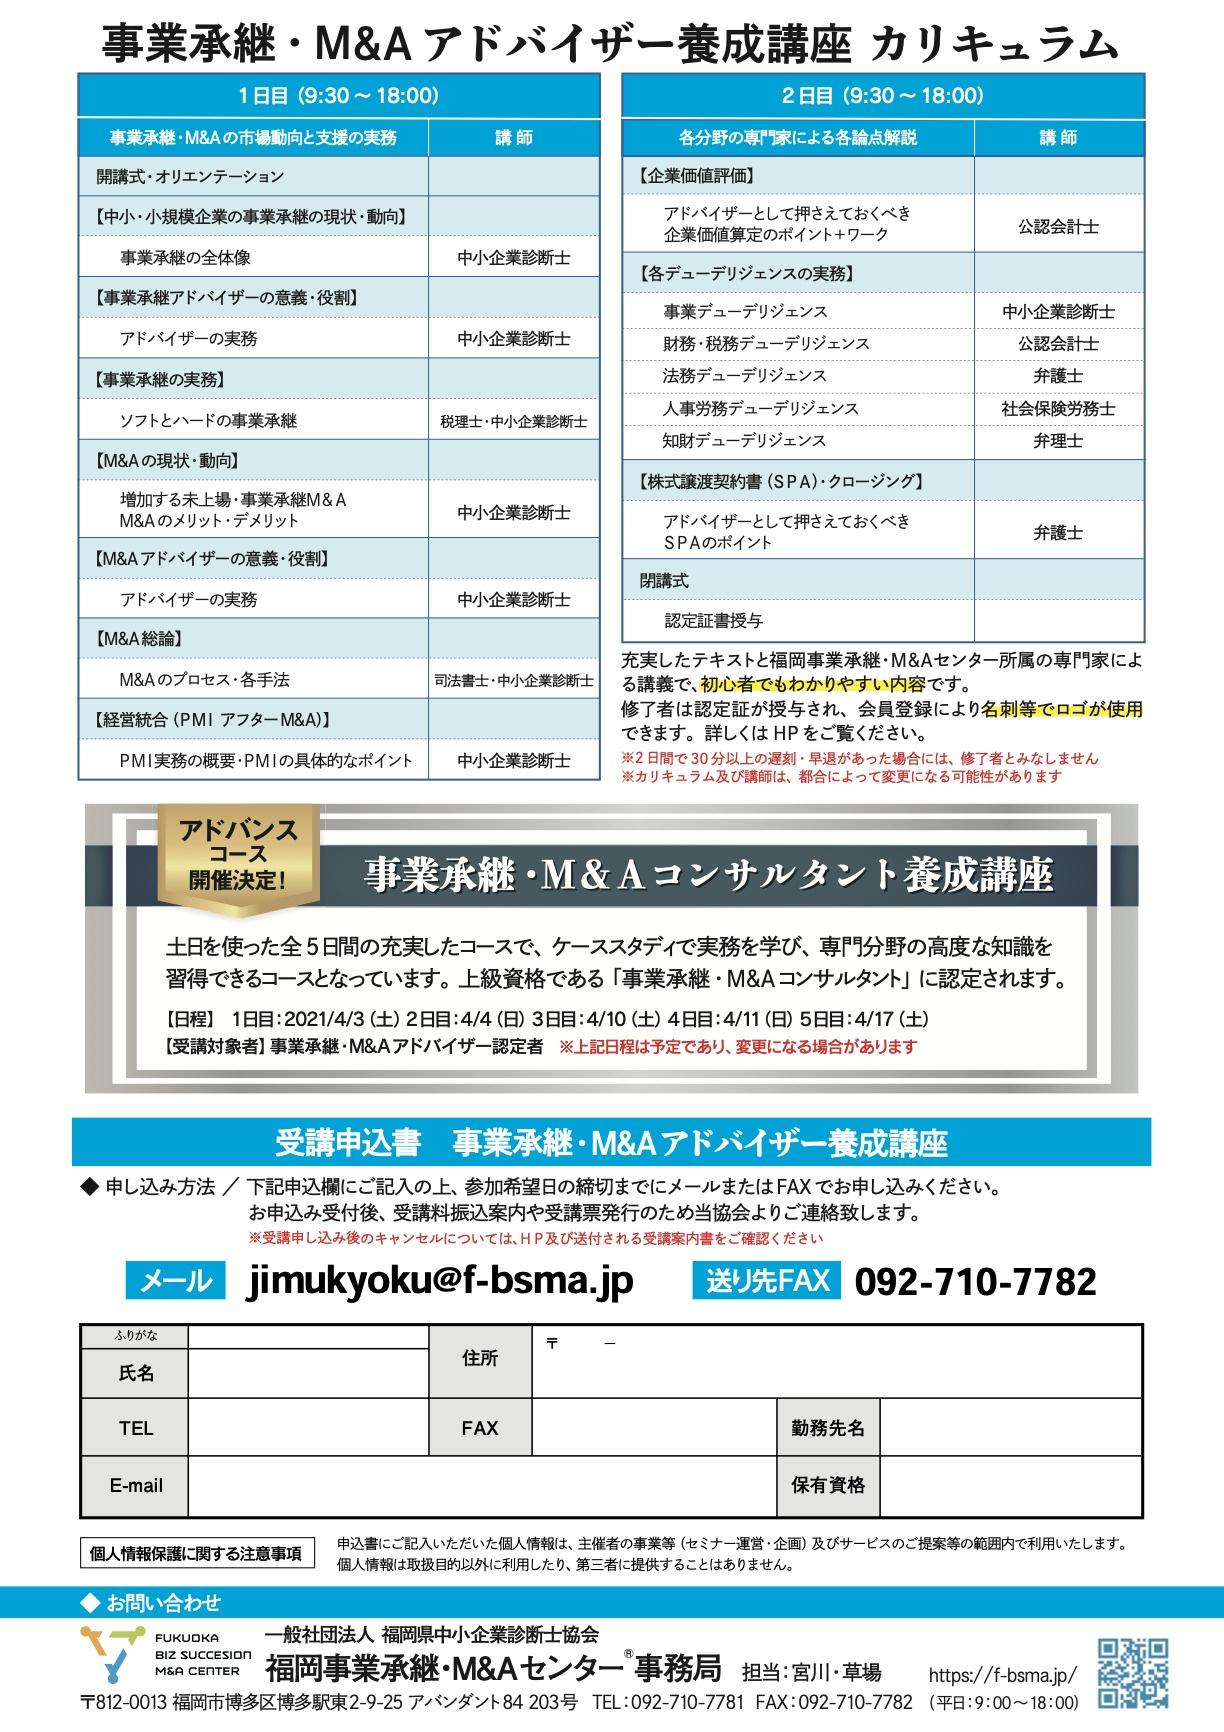 事業承継・M&Aアドバイザー養成講座カリキュラム